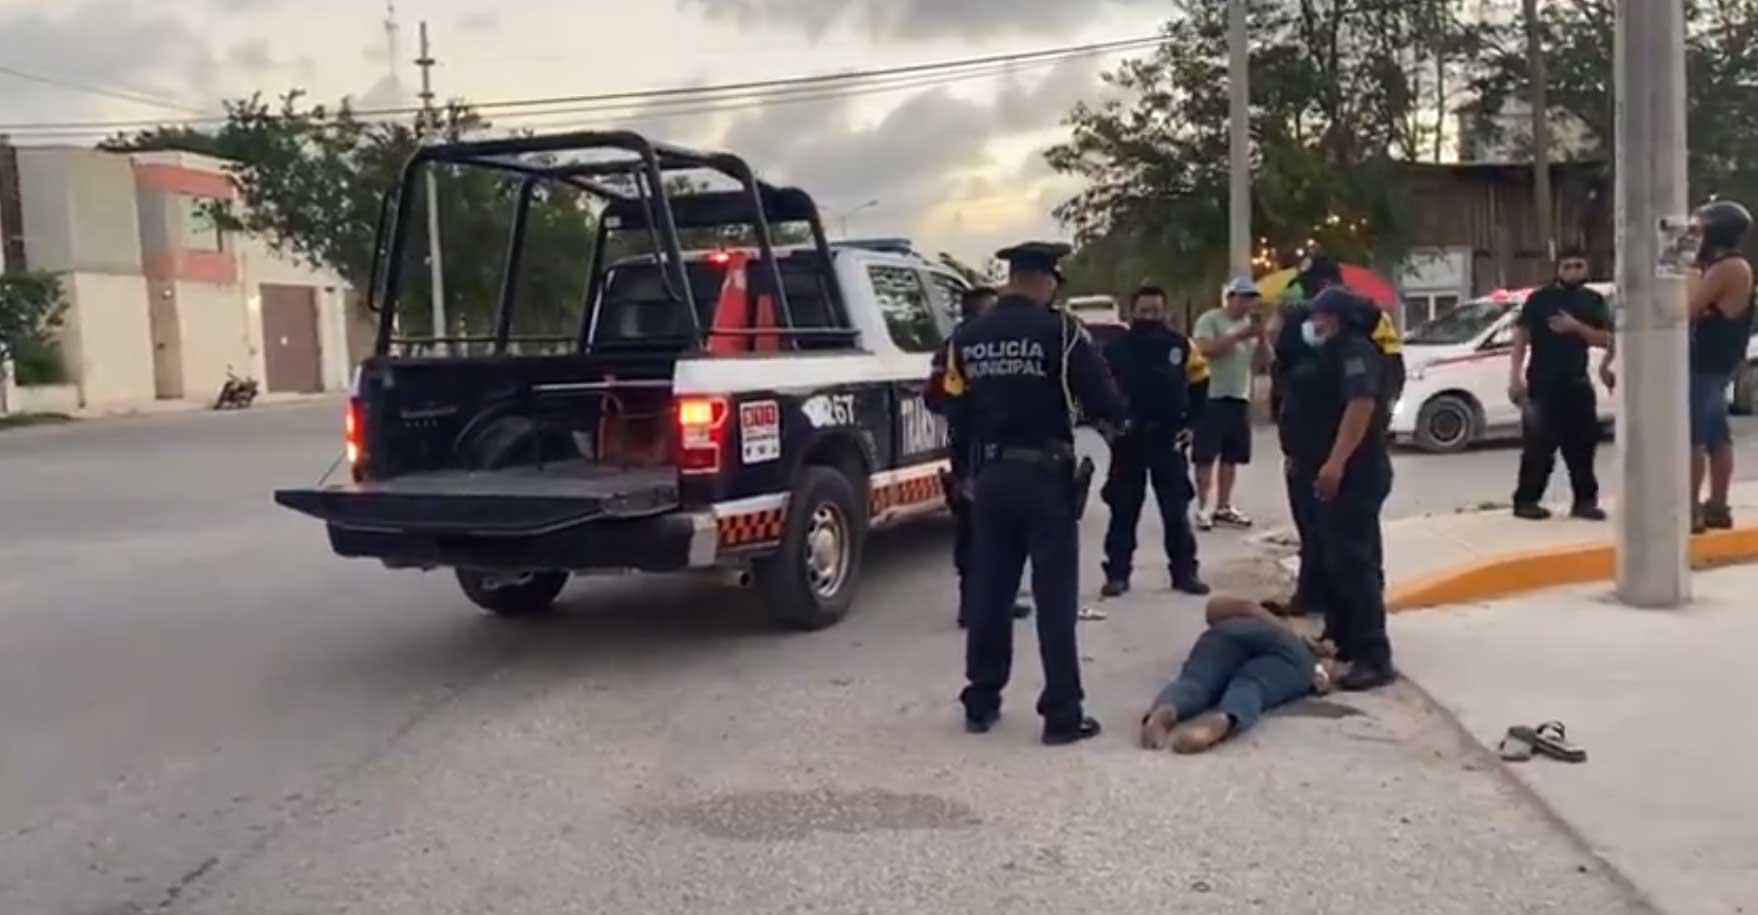 La tarde del 27 de marzo, policías municipales de Tulum provocaron la muerte de una mujer, tras someterla contra el piso